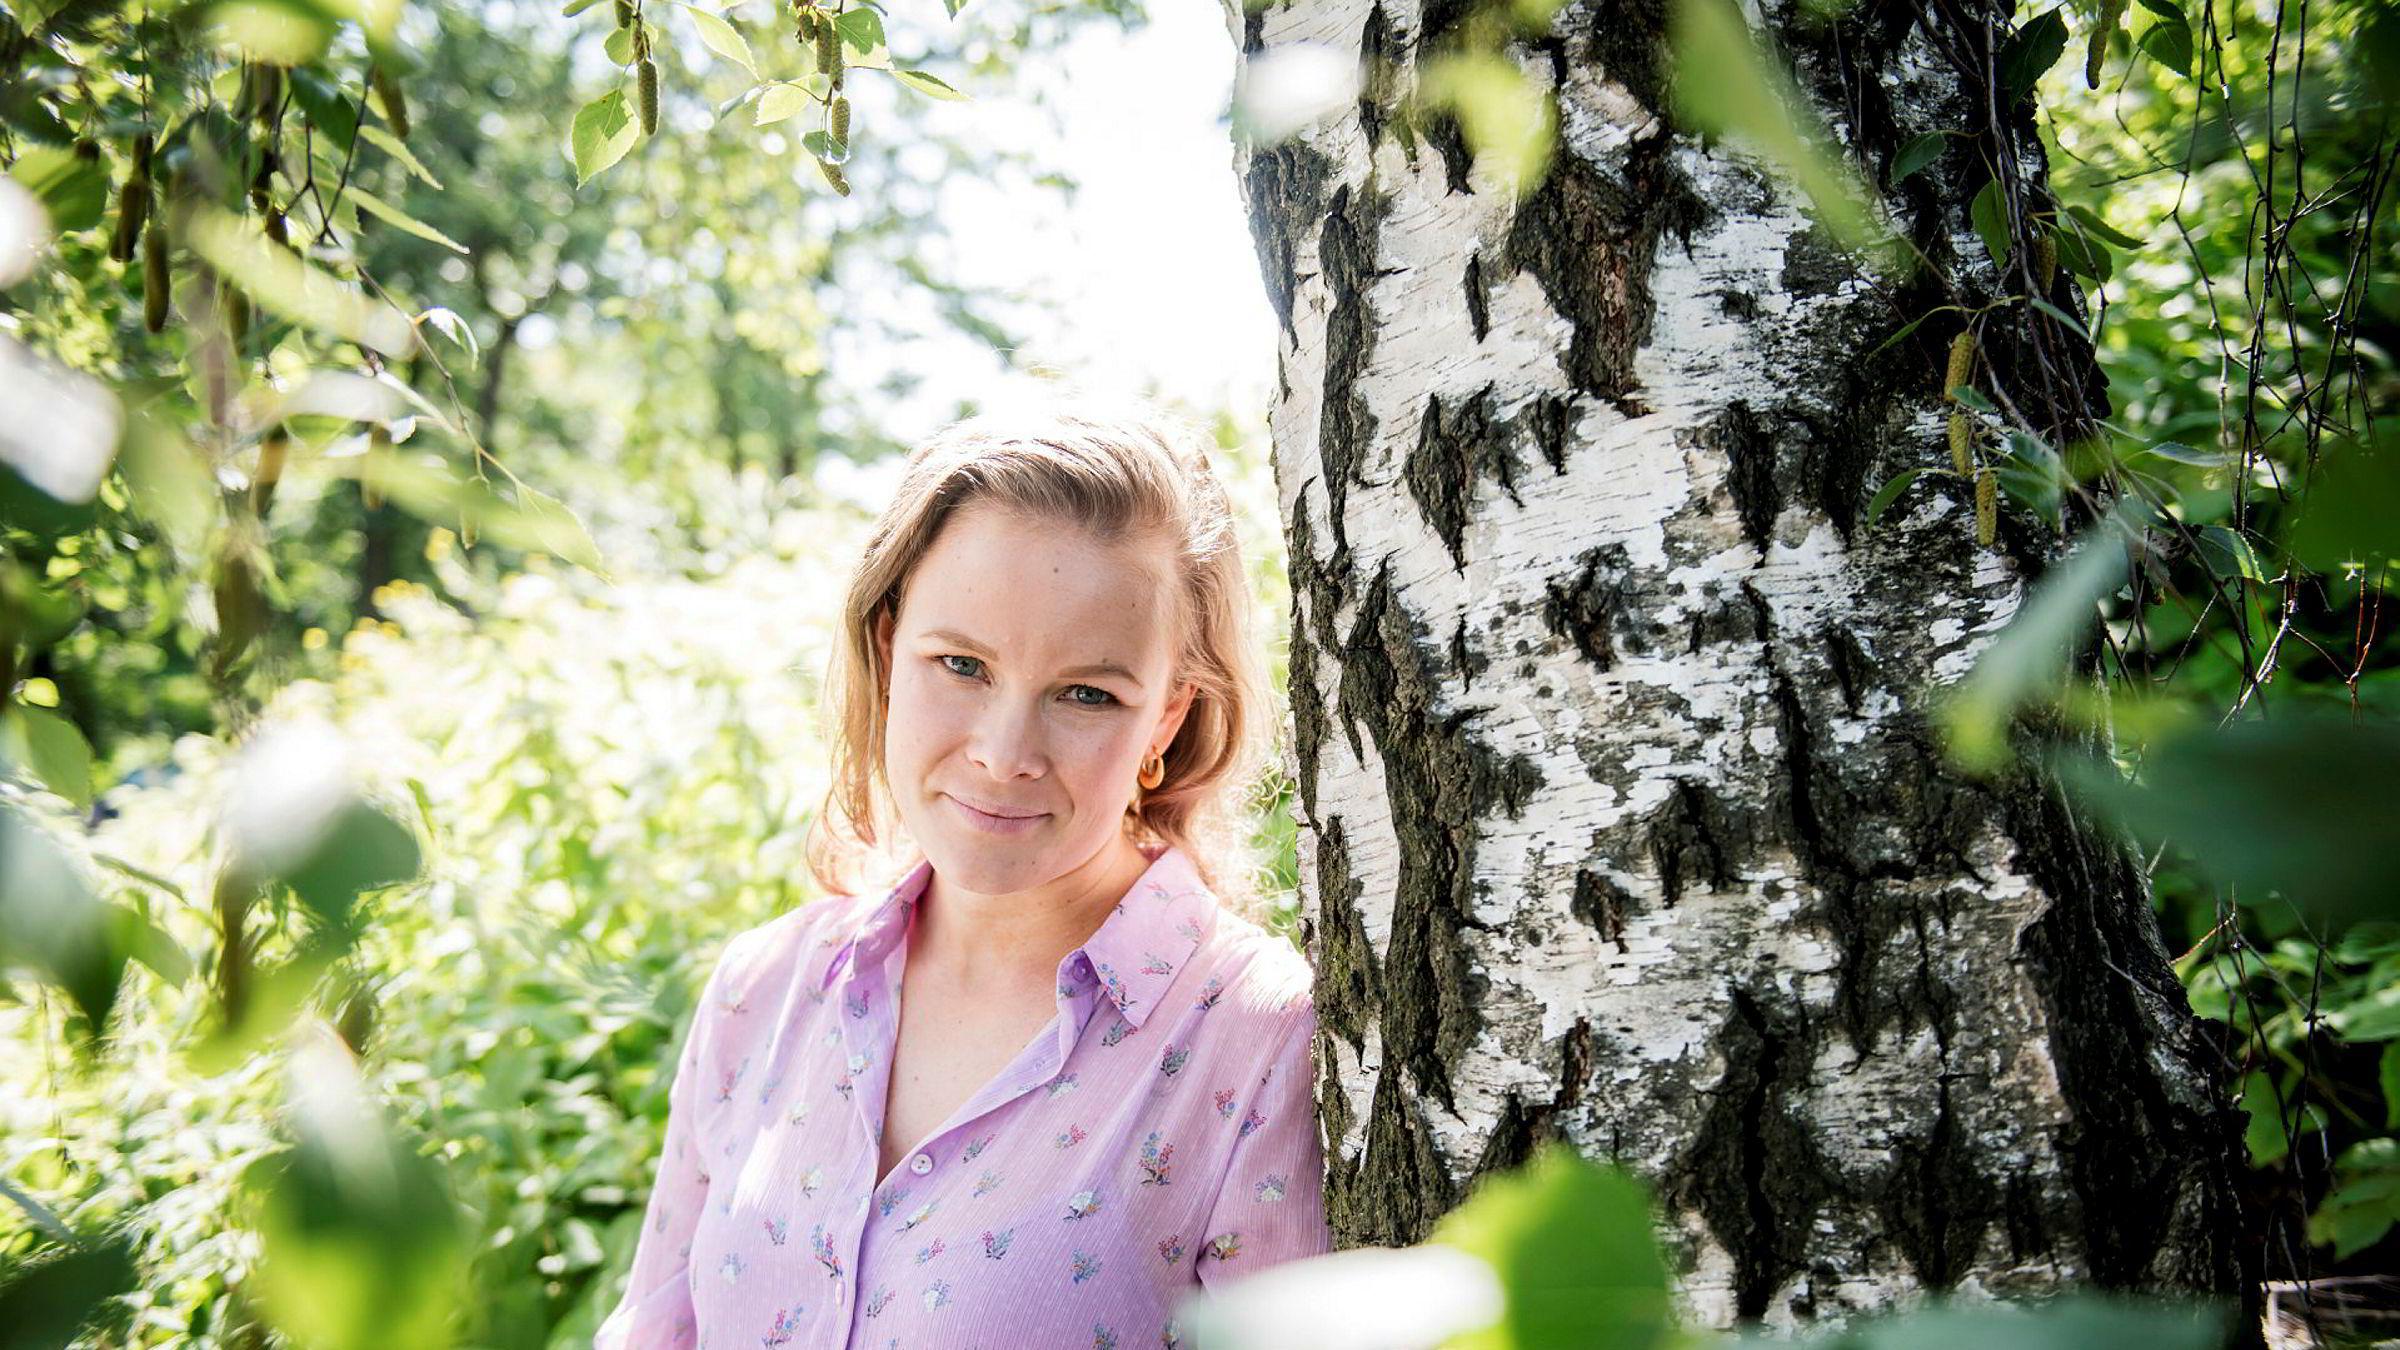 Ansvarlig redaktør og direktør i VO Ung, Martine Lunder Brenne, har ikke bestemt seg for om merkevaren skal leve videre eller ikke.